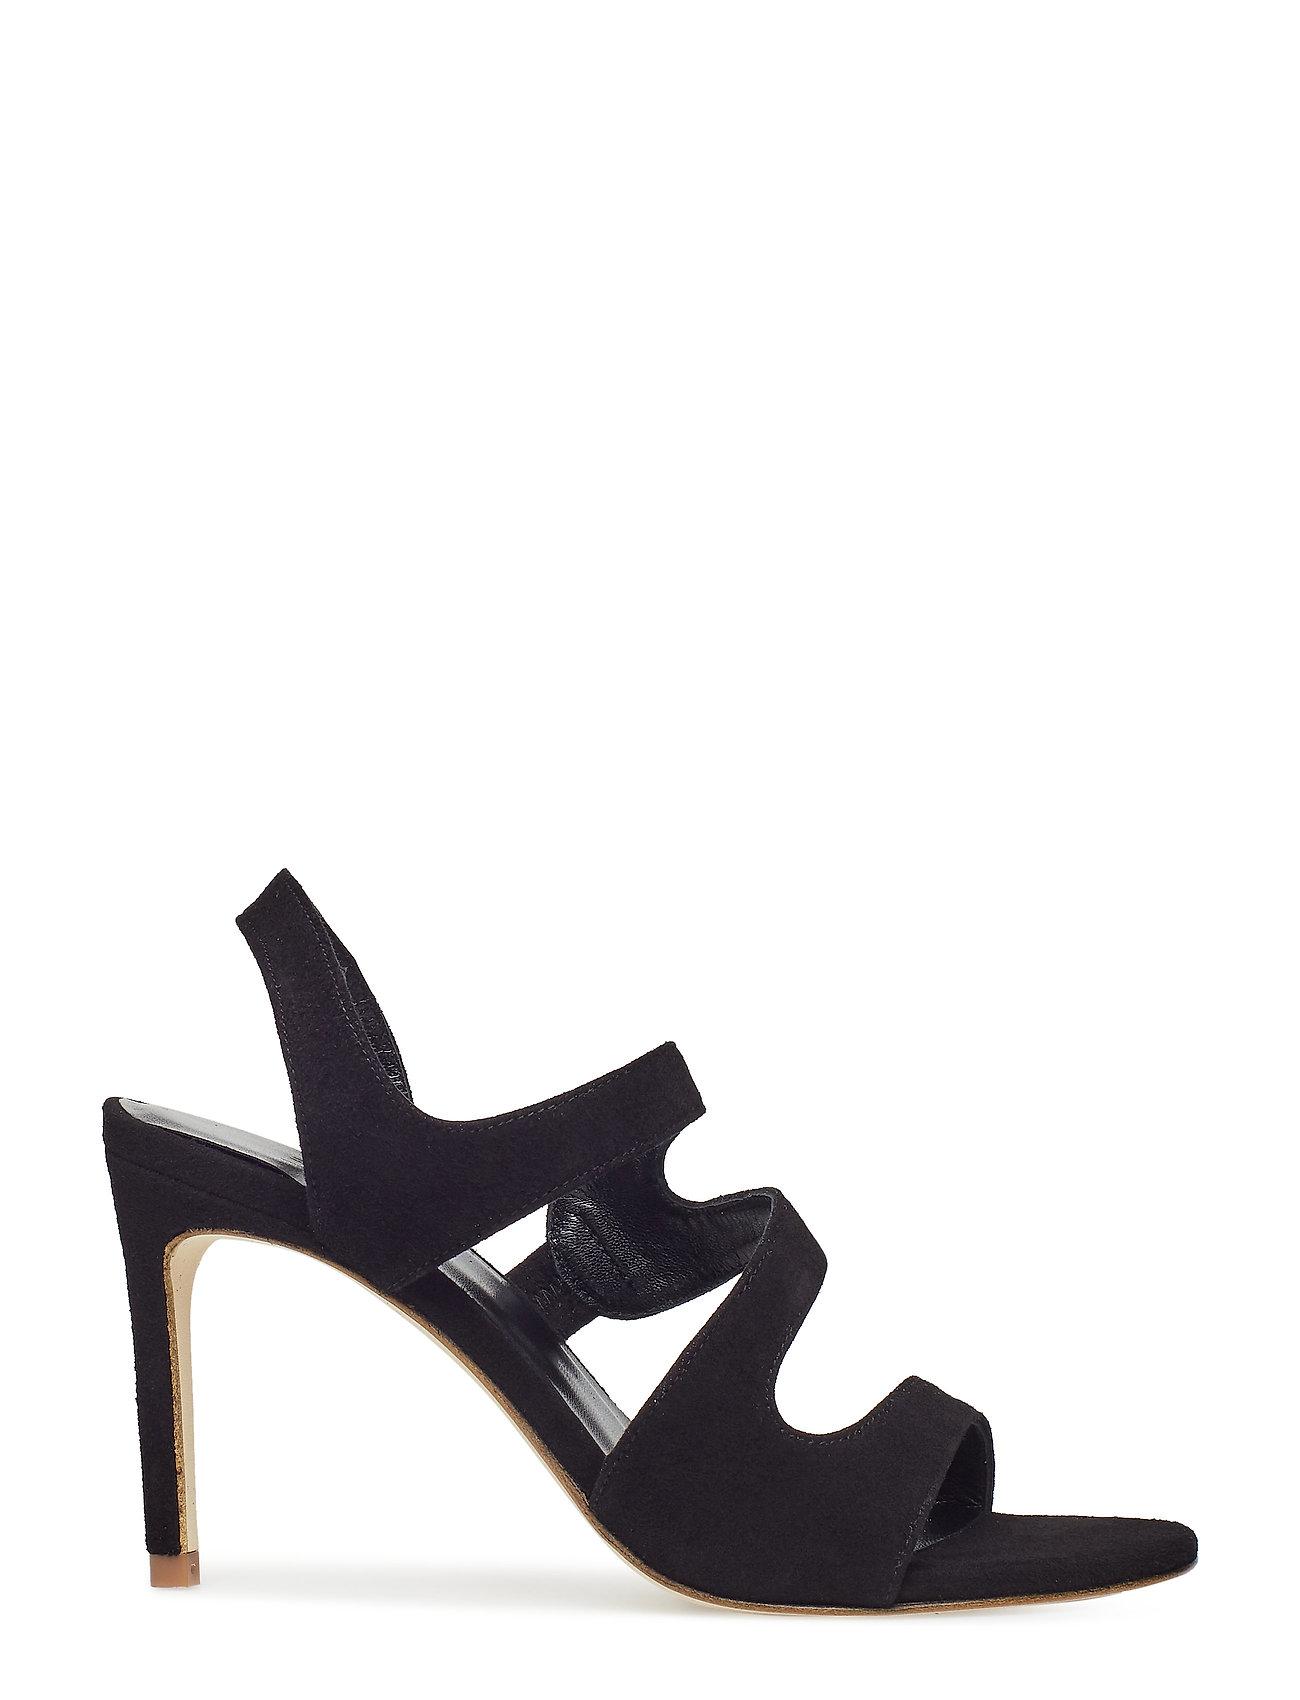 29cc1f441e3 Sandals 8160 højhælede sandaler fra Billi Bi til dame i BLACK SUEDE ...